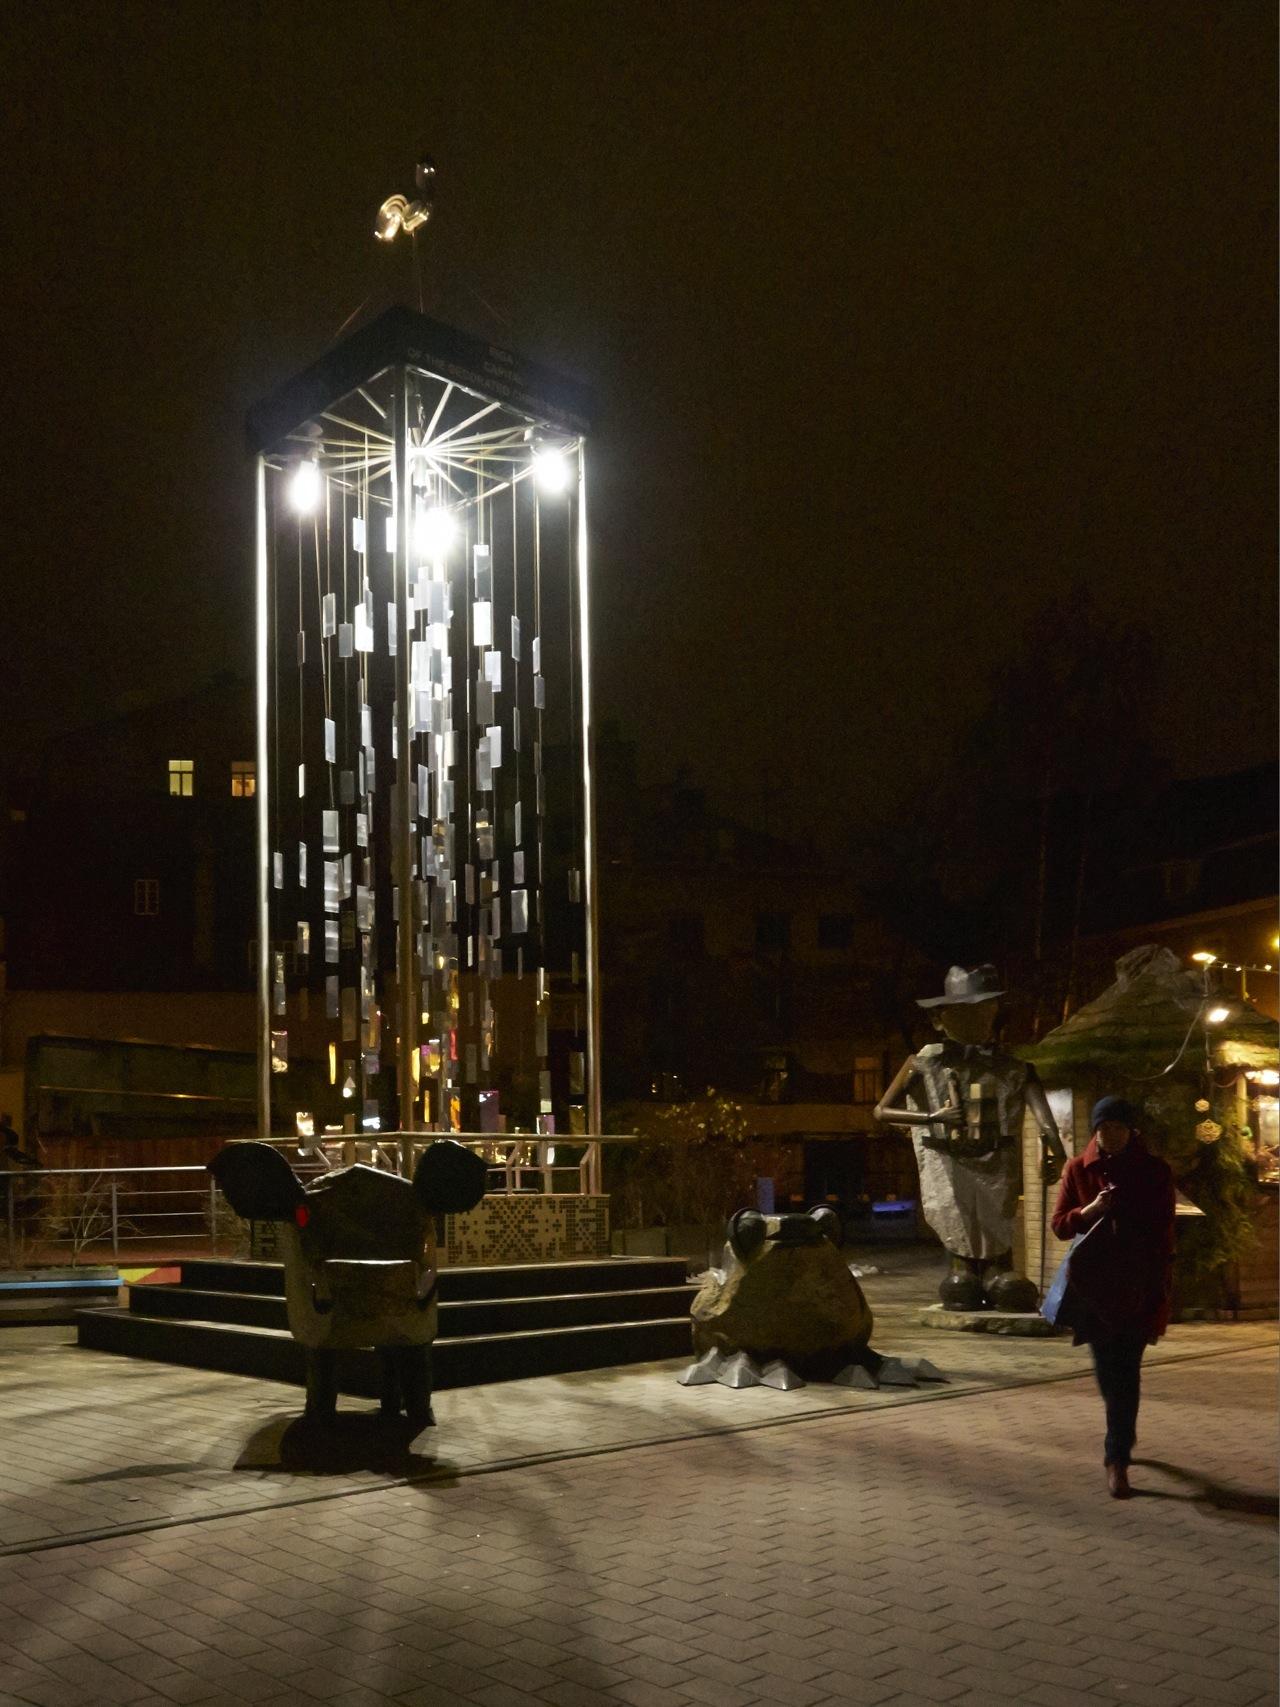 Bild: An der Skulptur in der Tirgoņu iela in Riga am Abend. OLYMPUS OM-D E-M5 mit M.Zuiko Digital 12-50 mm 1:3.5-6.3 EZ. ISO 6400 ¦ f/9 ¦ 12 mm ¦ 1/15 s ¦ kein Blitz. Klicken Sie auf das Bild um es zu vergrößern.